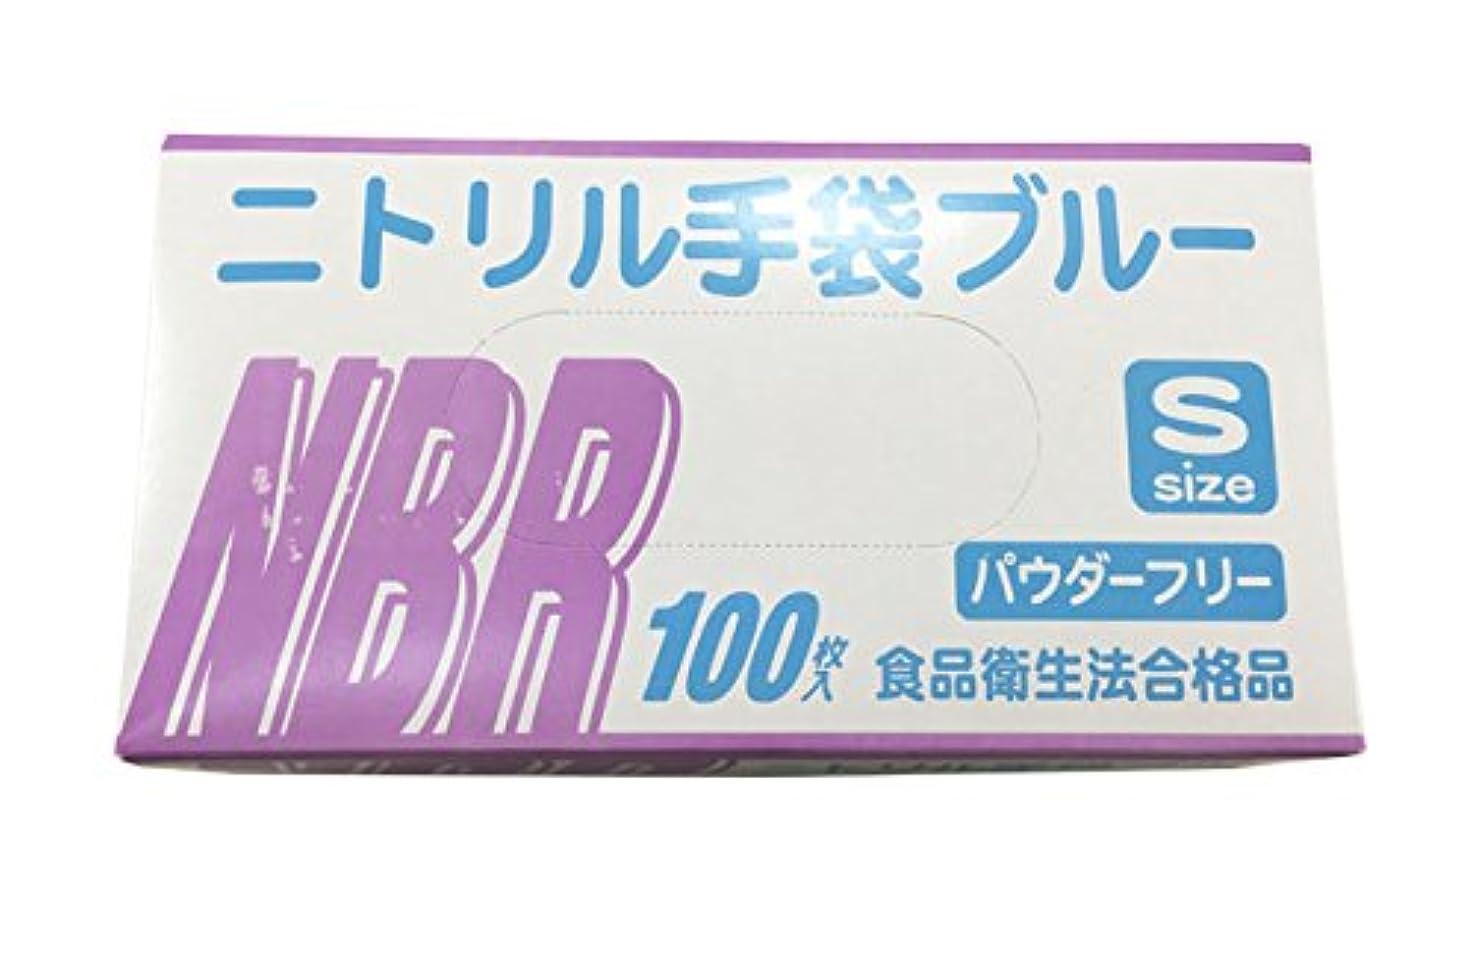 やむを得ない署名がっかりした使い捨て手袋 ニトリル グローブ ブルー 食品衛生法合格品 粉なし 100枚入×20個セット Sサイズ